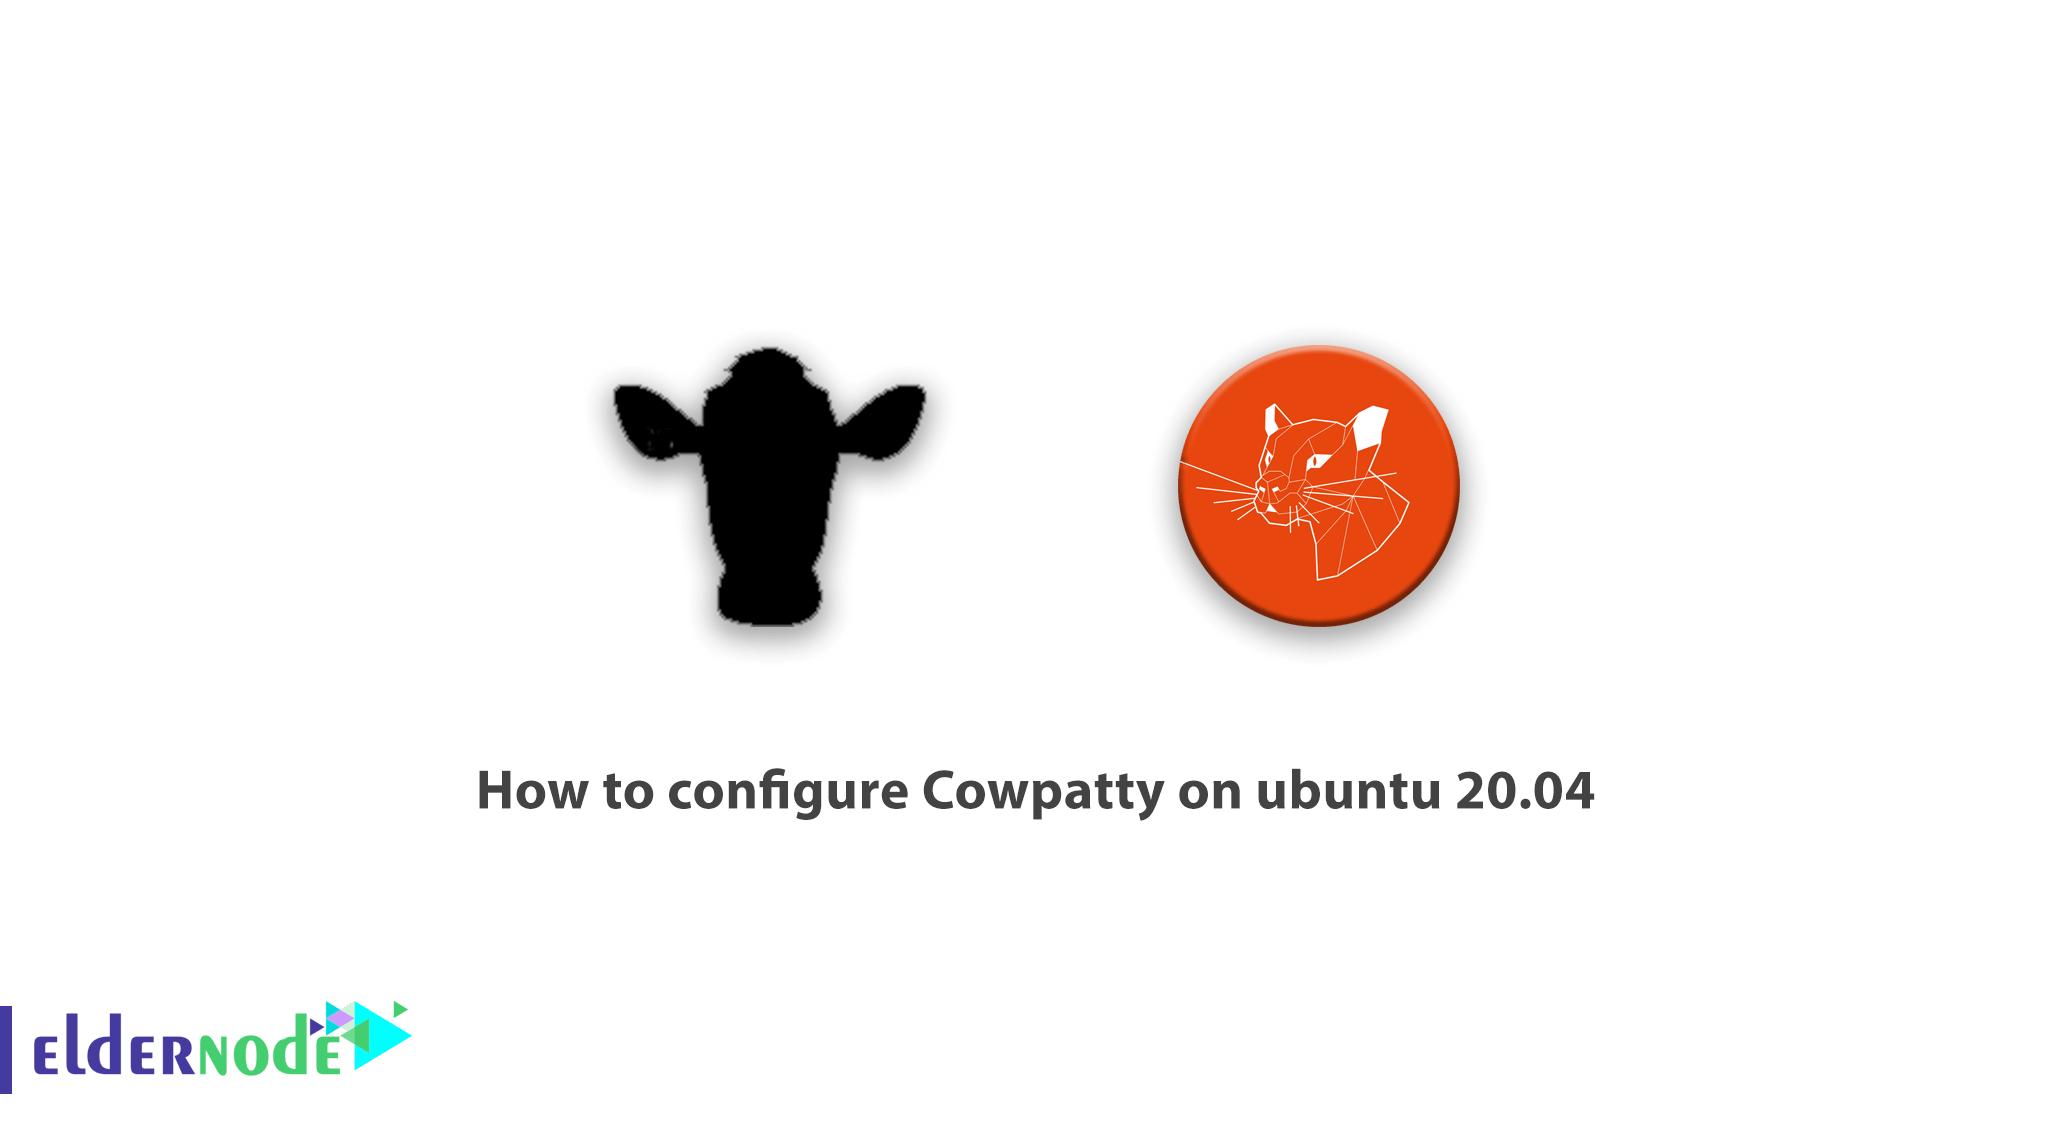 How to configure Cowpatty on ubuntu 20.04